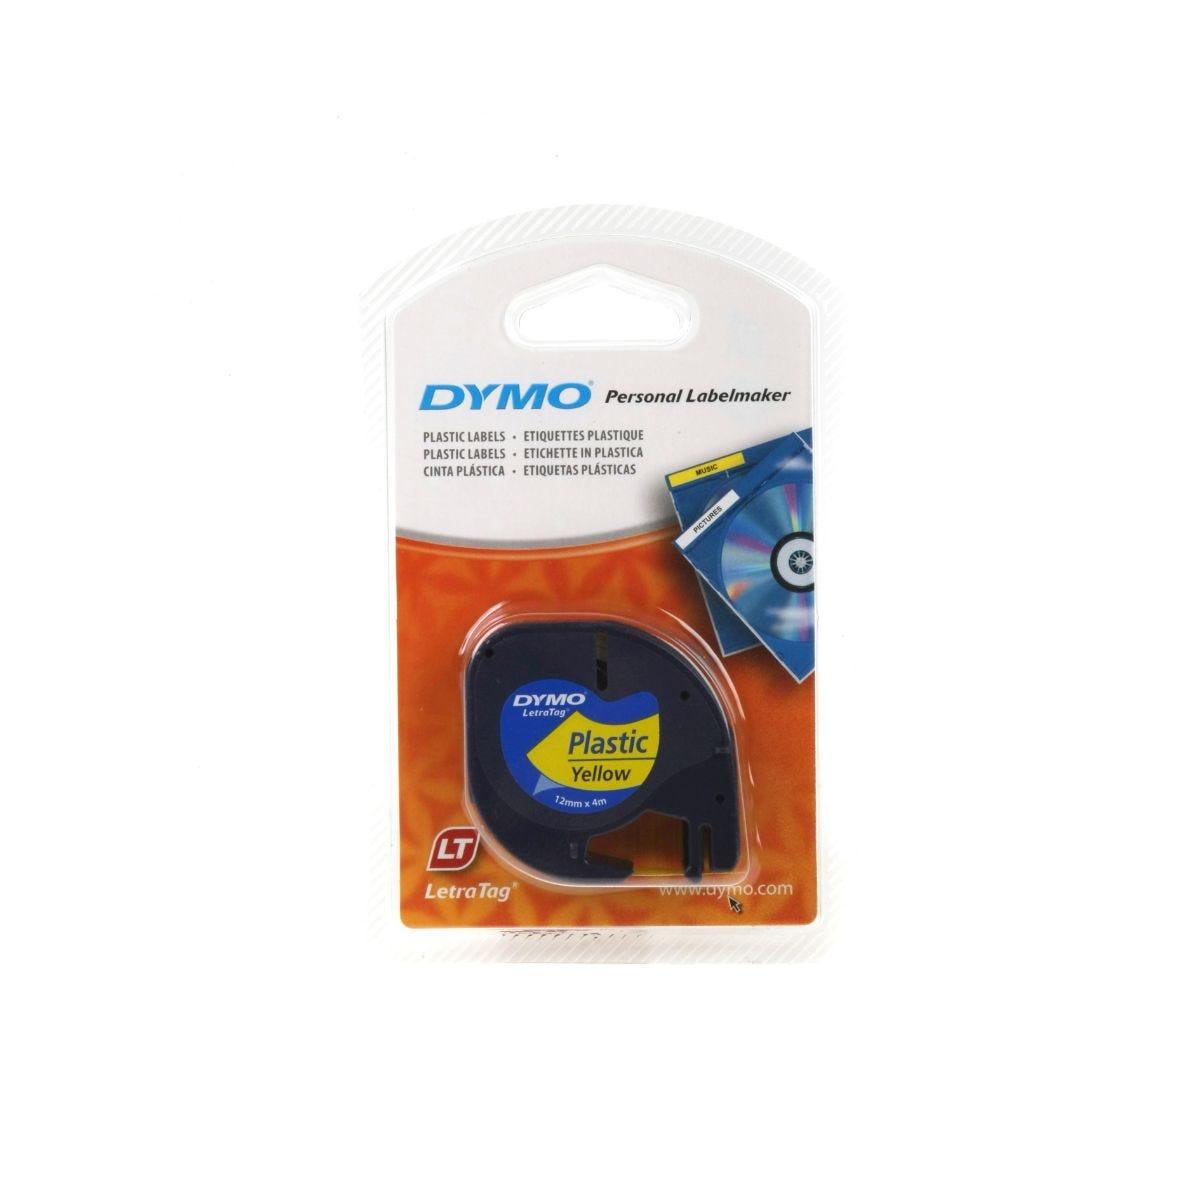 Dymo Letratag Tape 12mm x 4m Plastic, Yellow